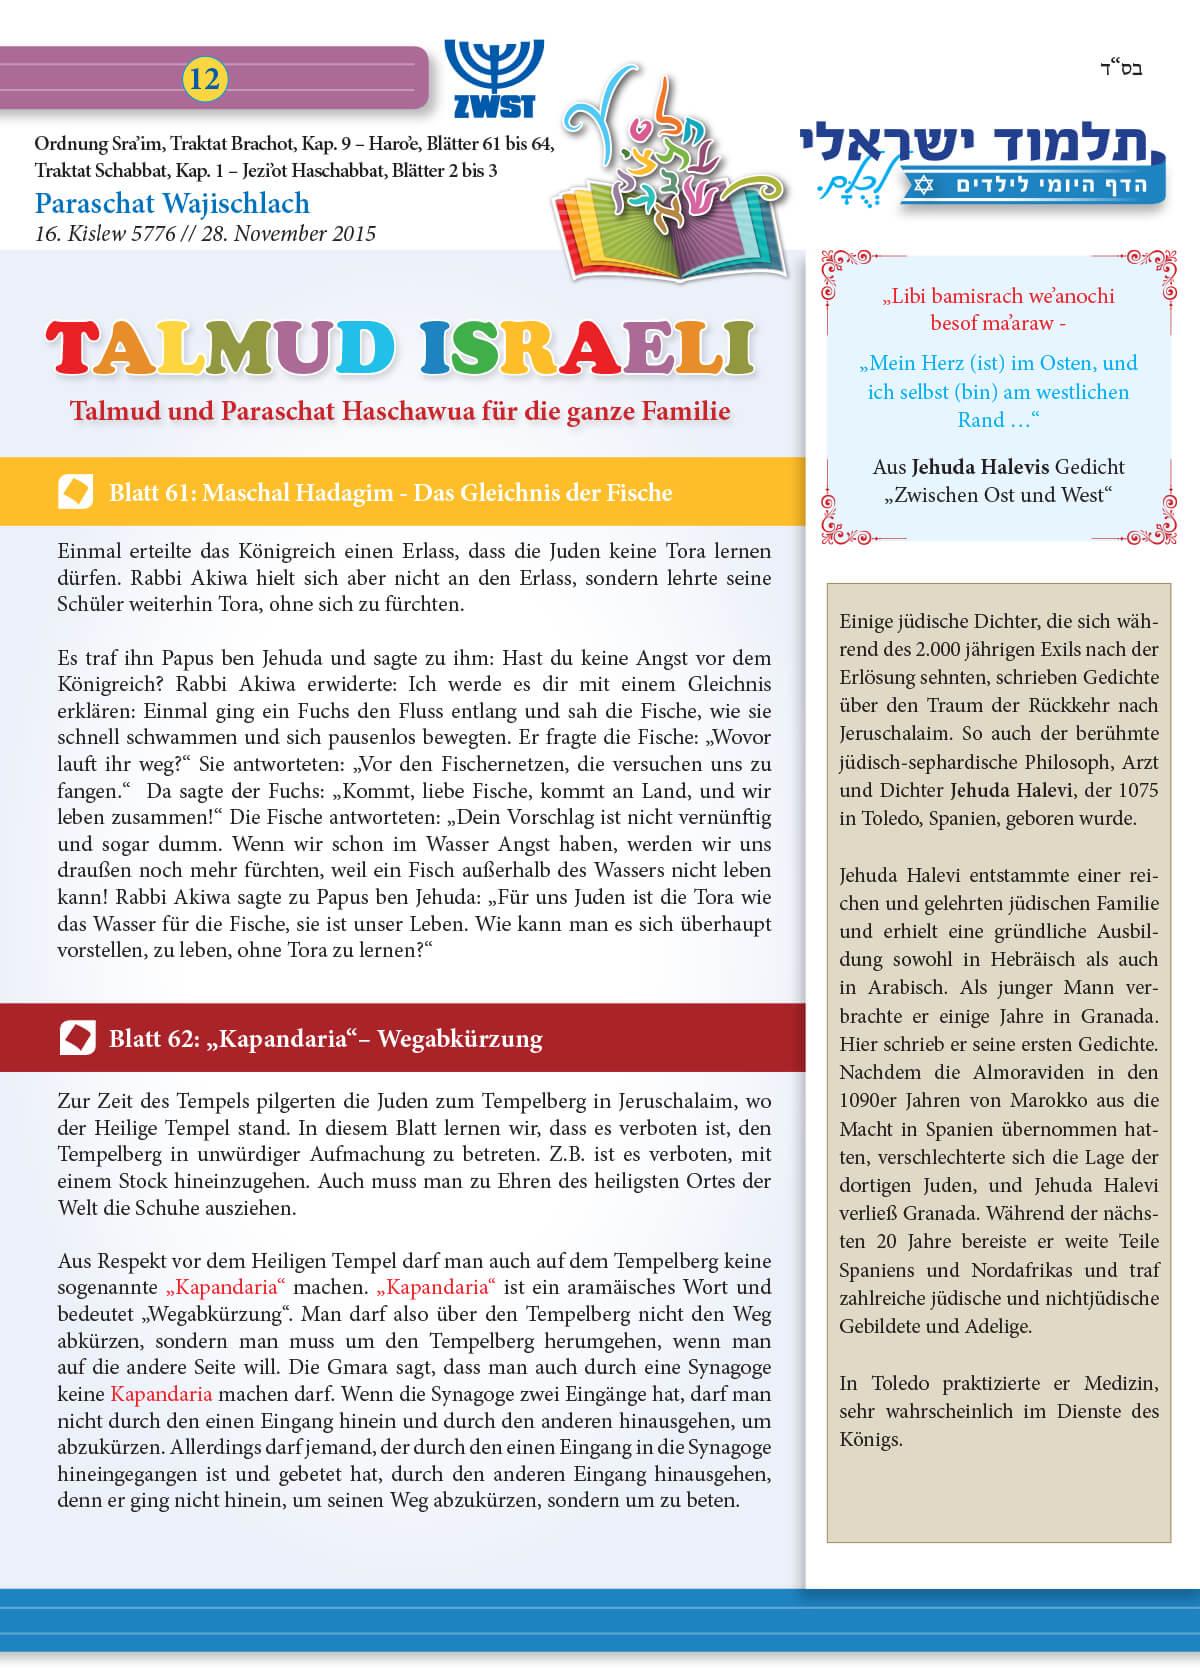 012-talmud-israeli-wajischlach-einzelseiten-1